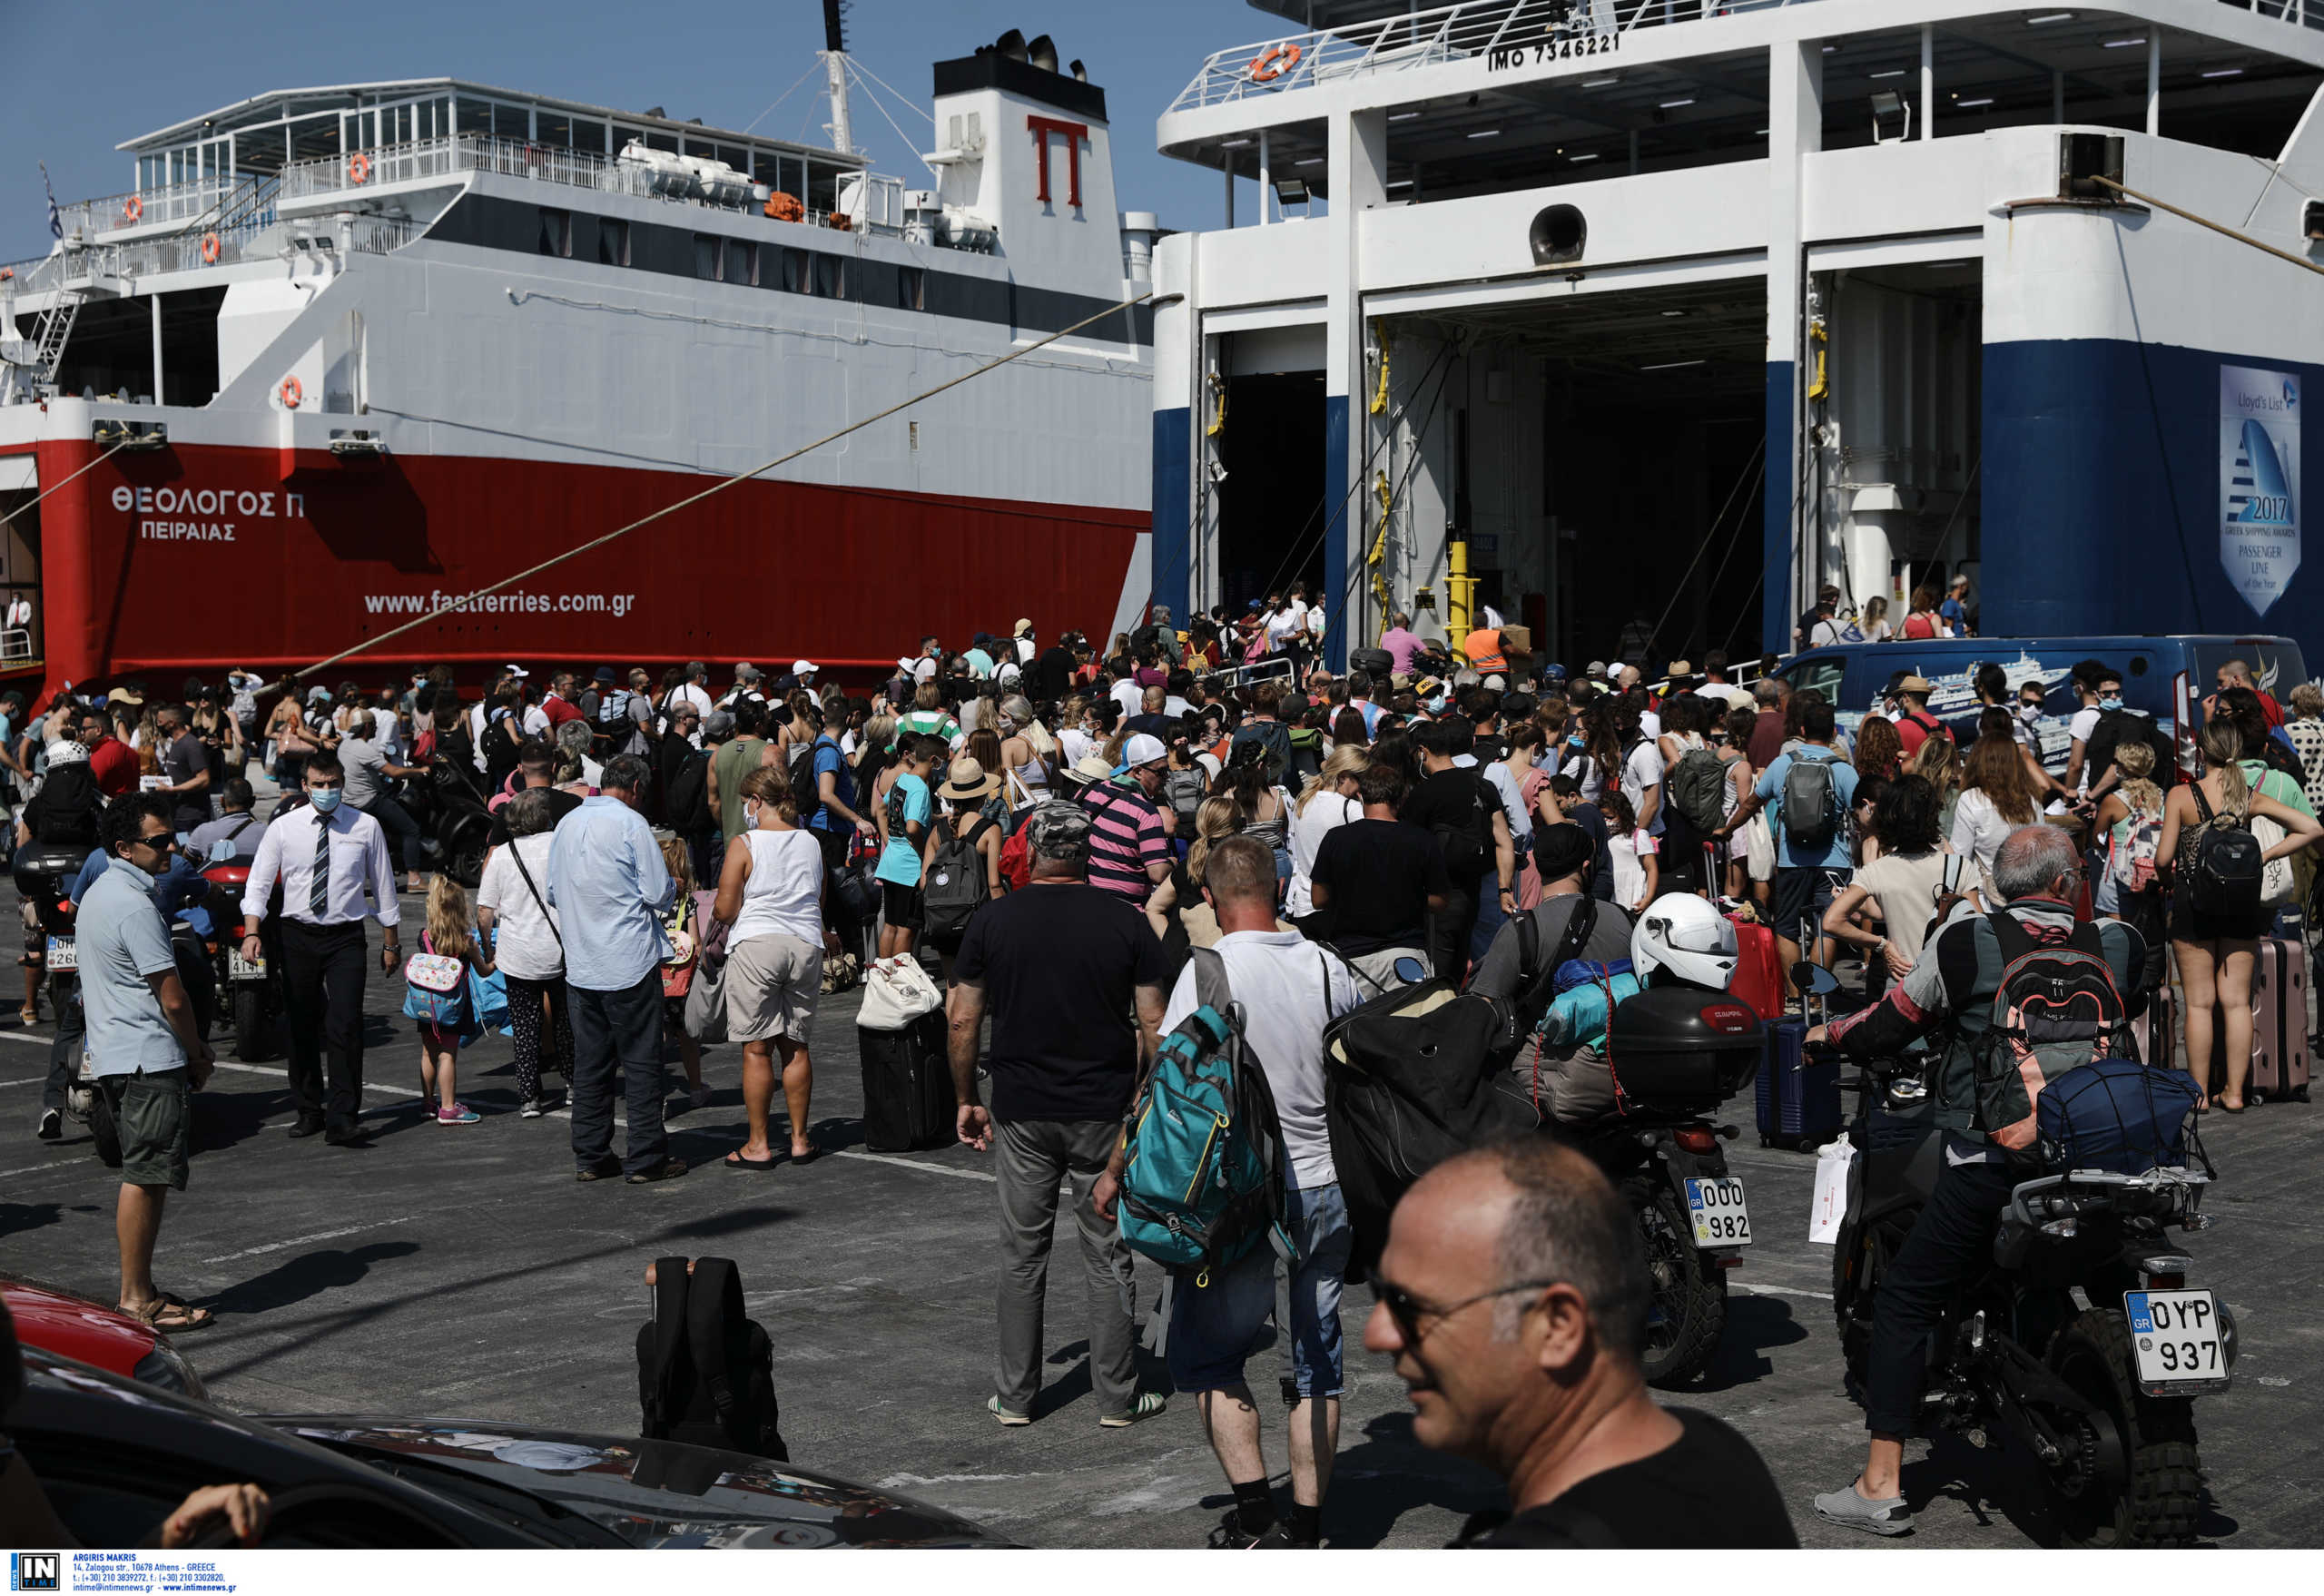 Όπου φύγει φύγει – Αυξημένη η κίνηση στο λιμάνι του Πειραιά